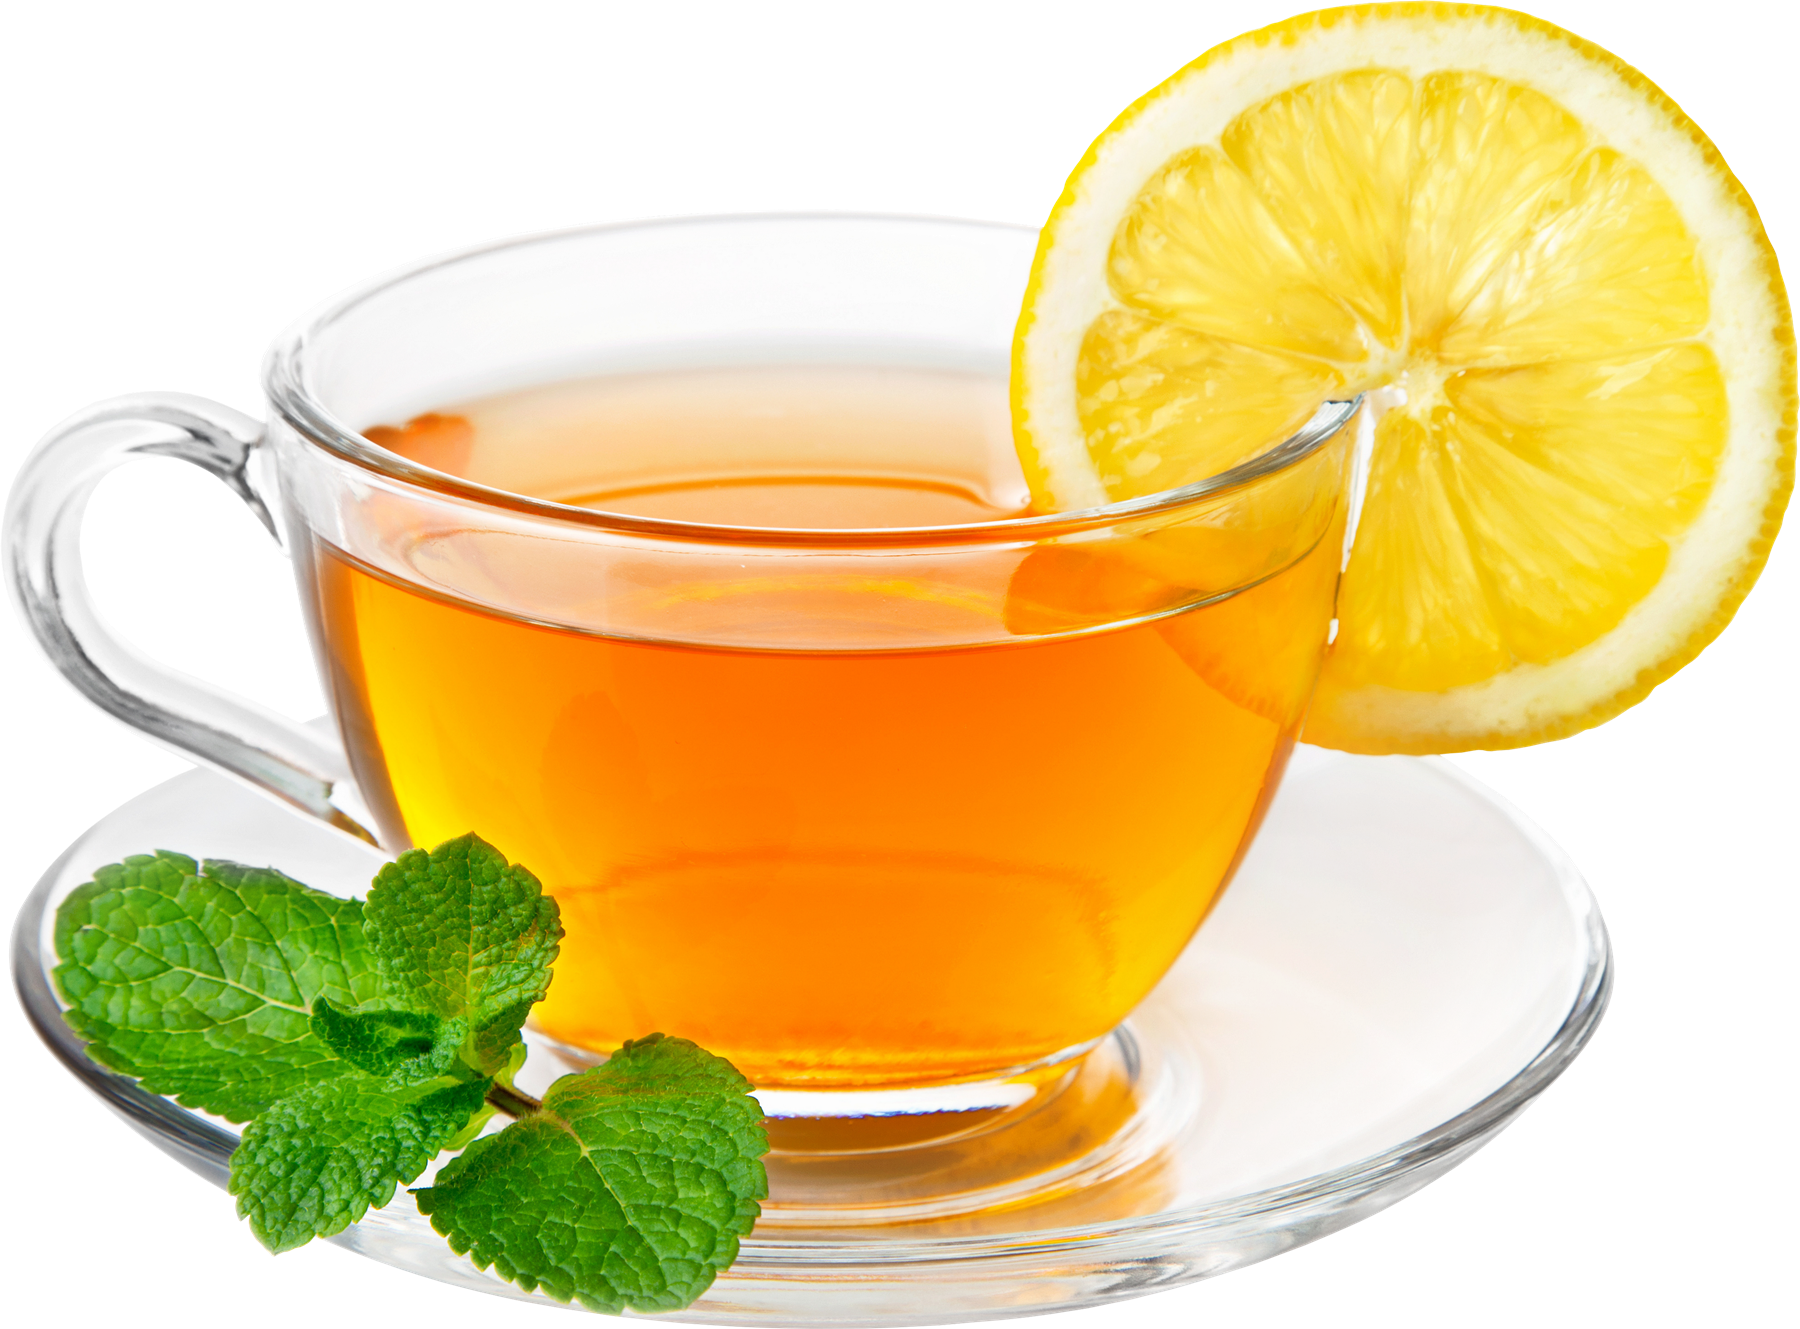 PNG File Name: Tea PlusPng pluspng.com - Tea PNG - Tea HD PNG